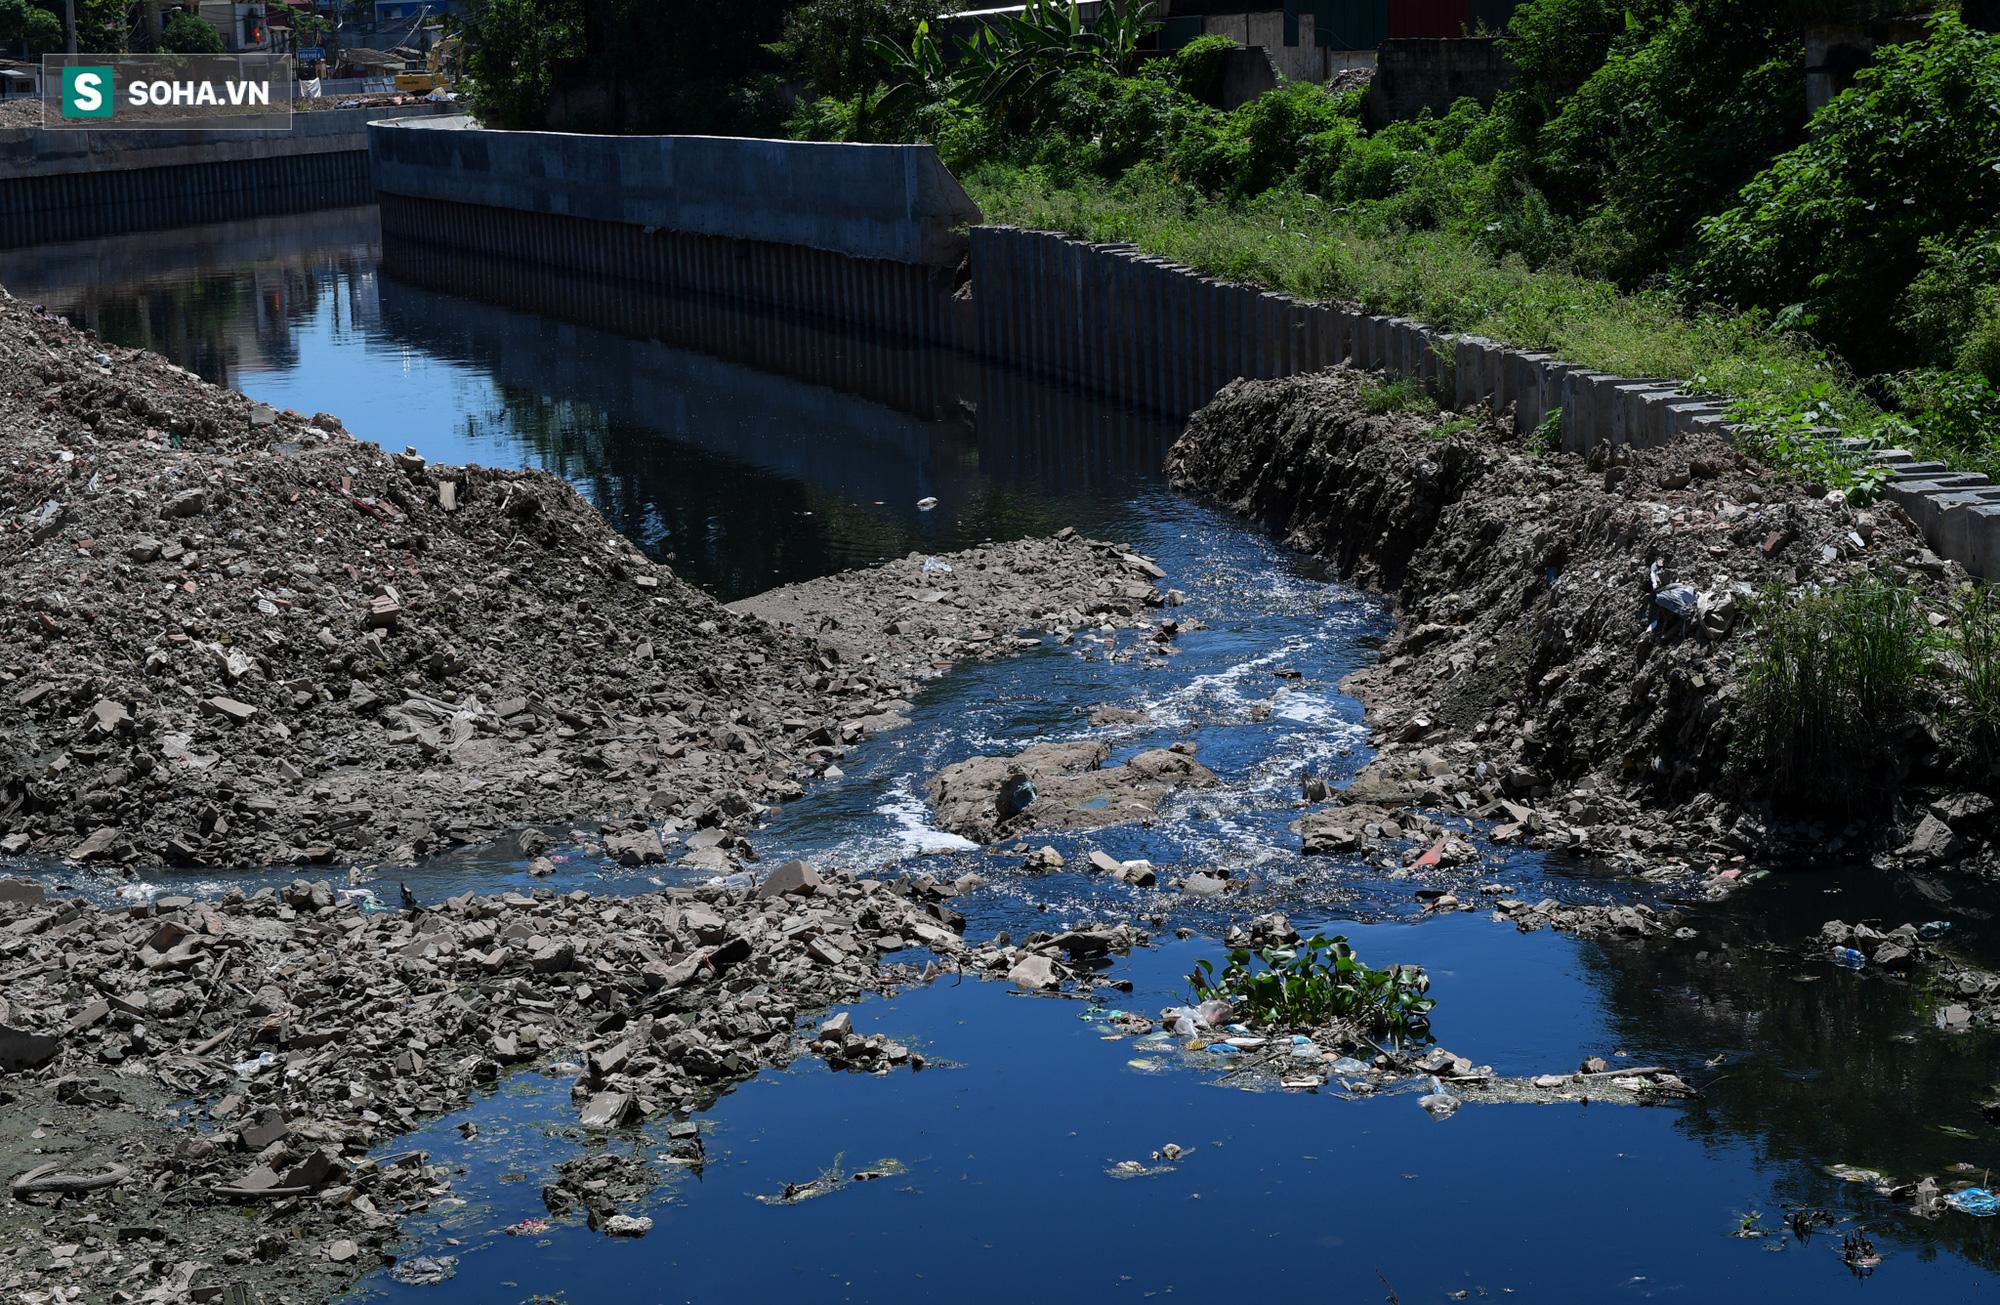 Đại dự án 7.000 tỷ đồng chống ngập cho 6 quận huyện phía Tây TP Hà Nội chậm tiến độ, ngập ngụa trong rác - Ảnh 18.